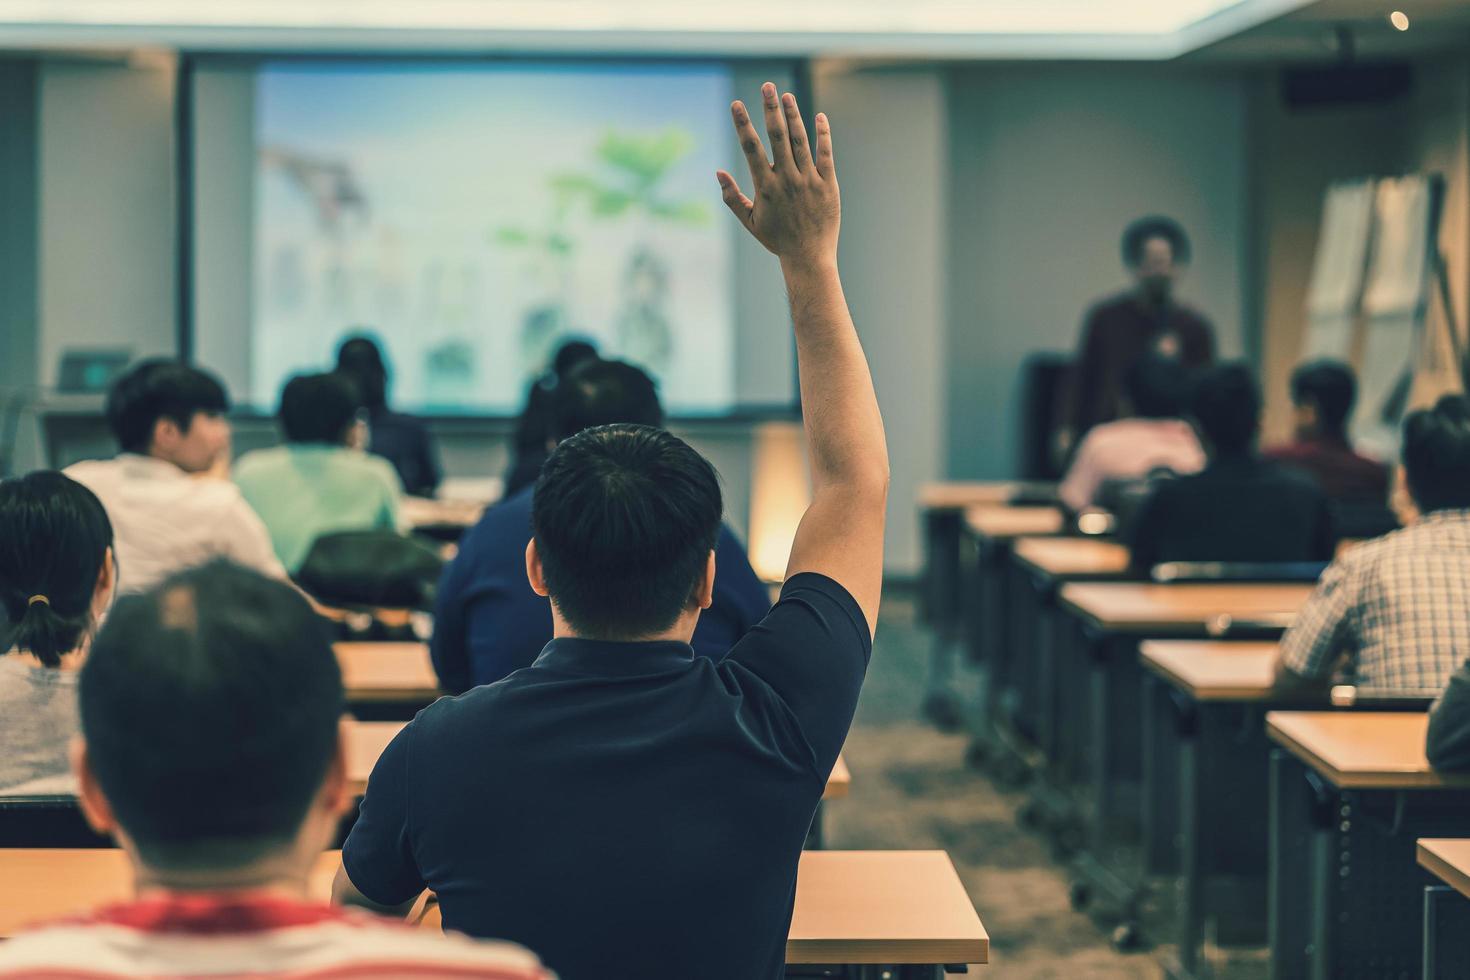 Un joven levanta la mano durante una conferencia en un taller foto